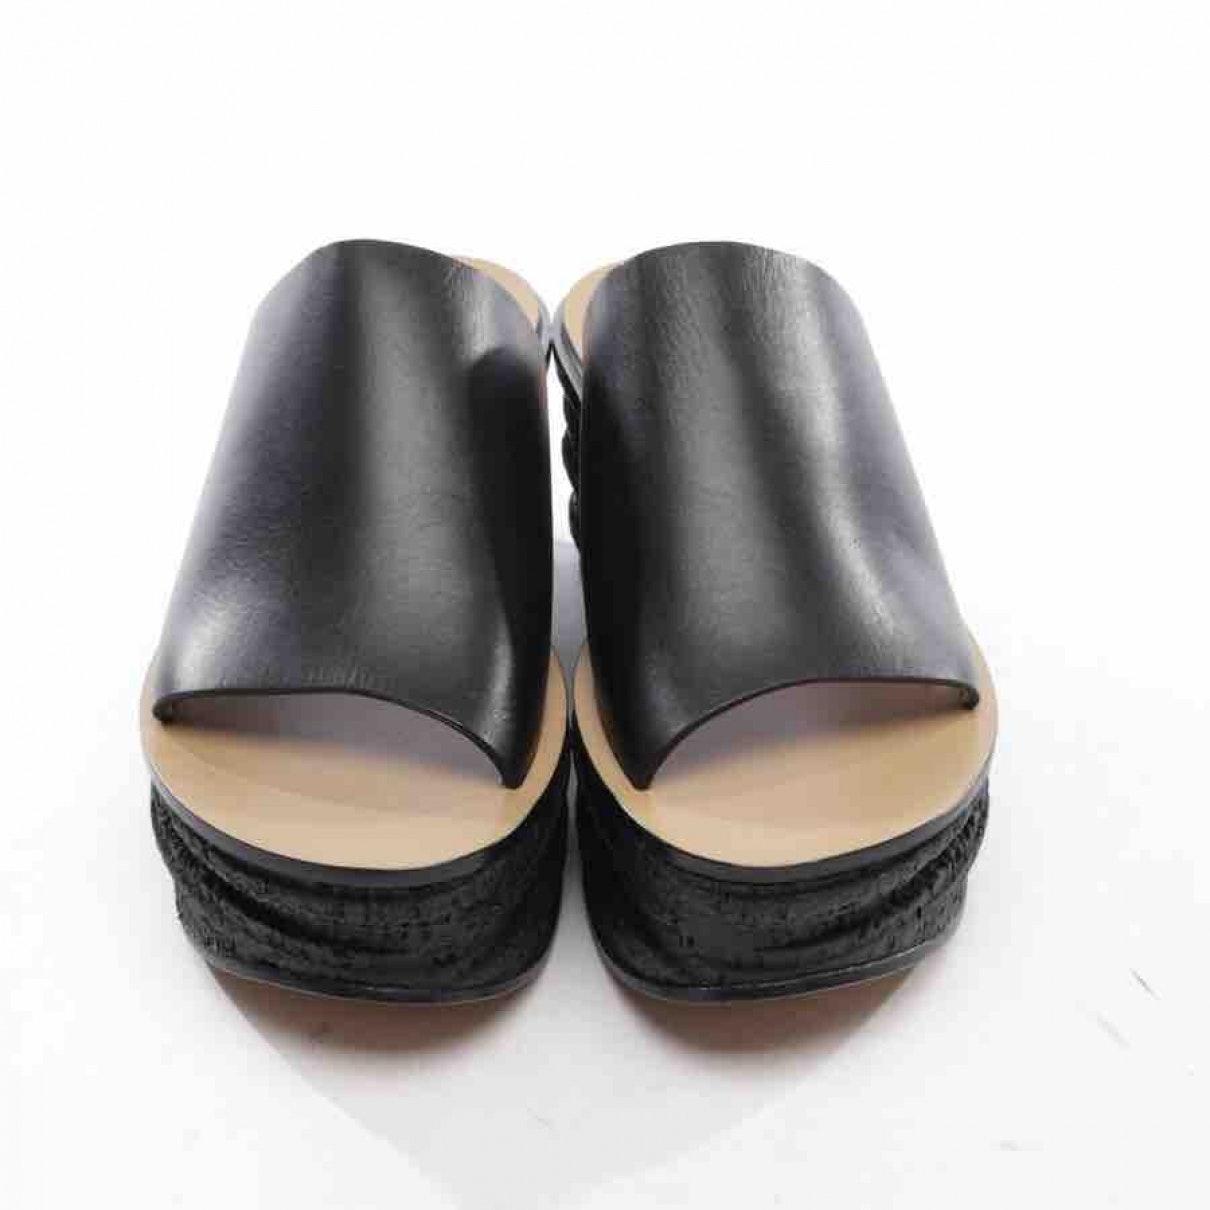 Zuecos Camille de Cuero Chloé de Cuero de color Negro